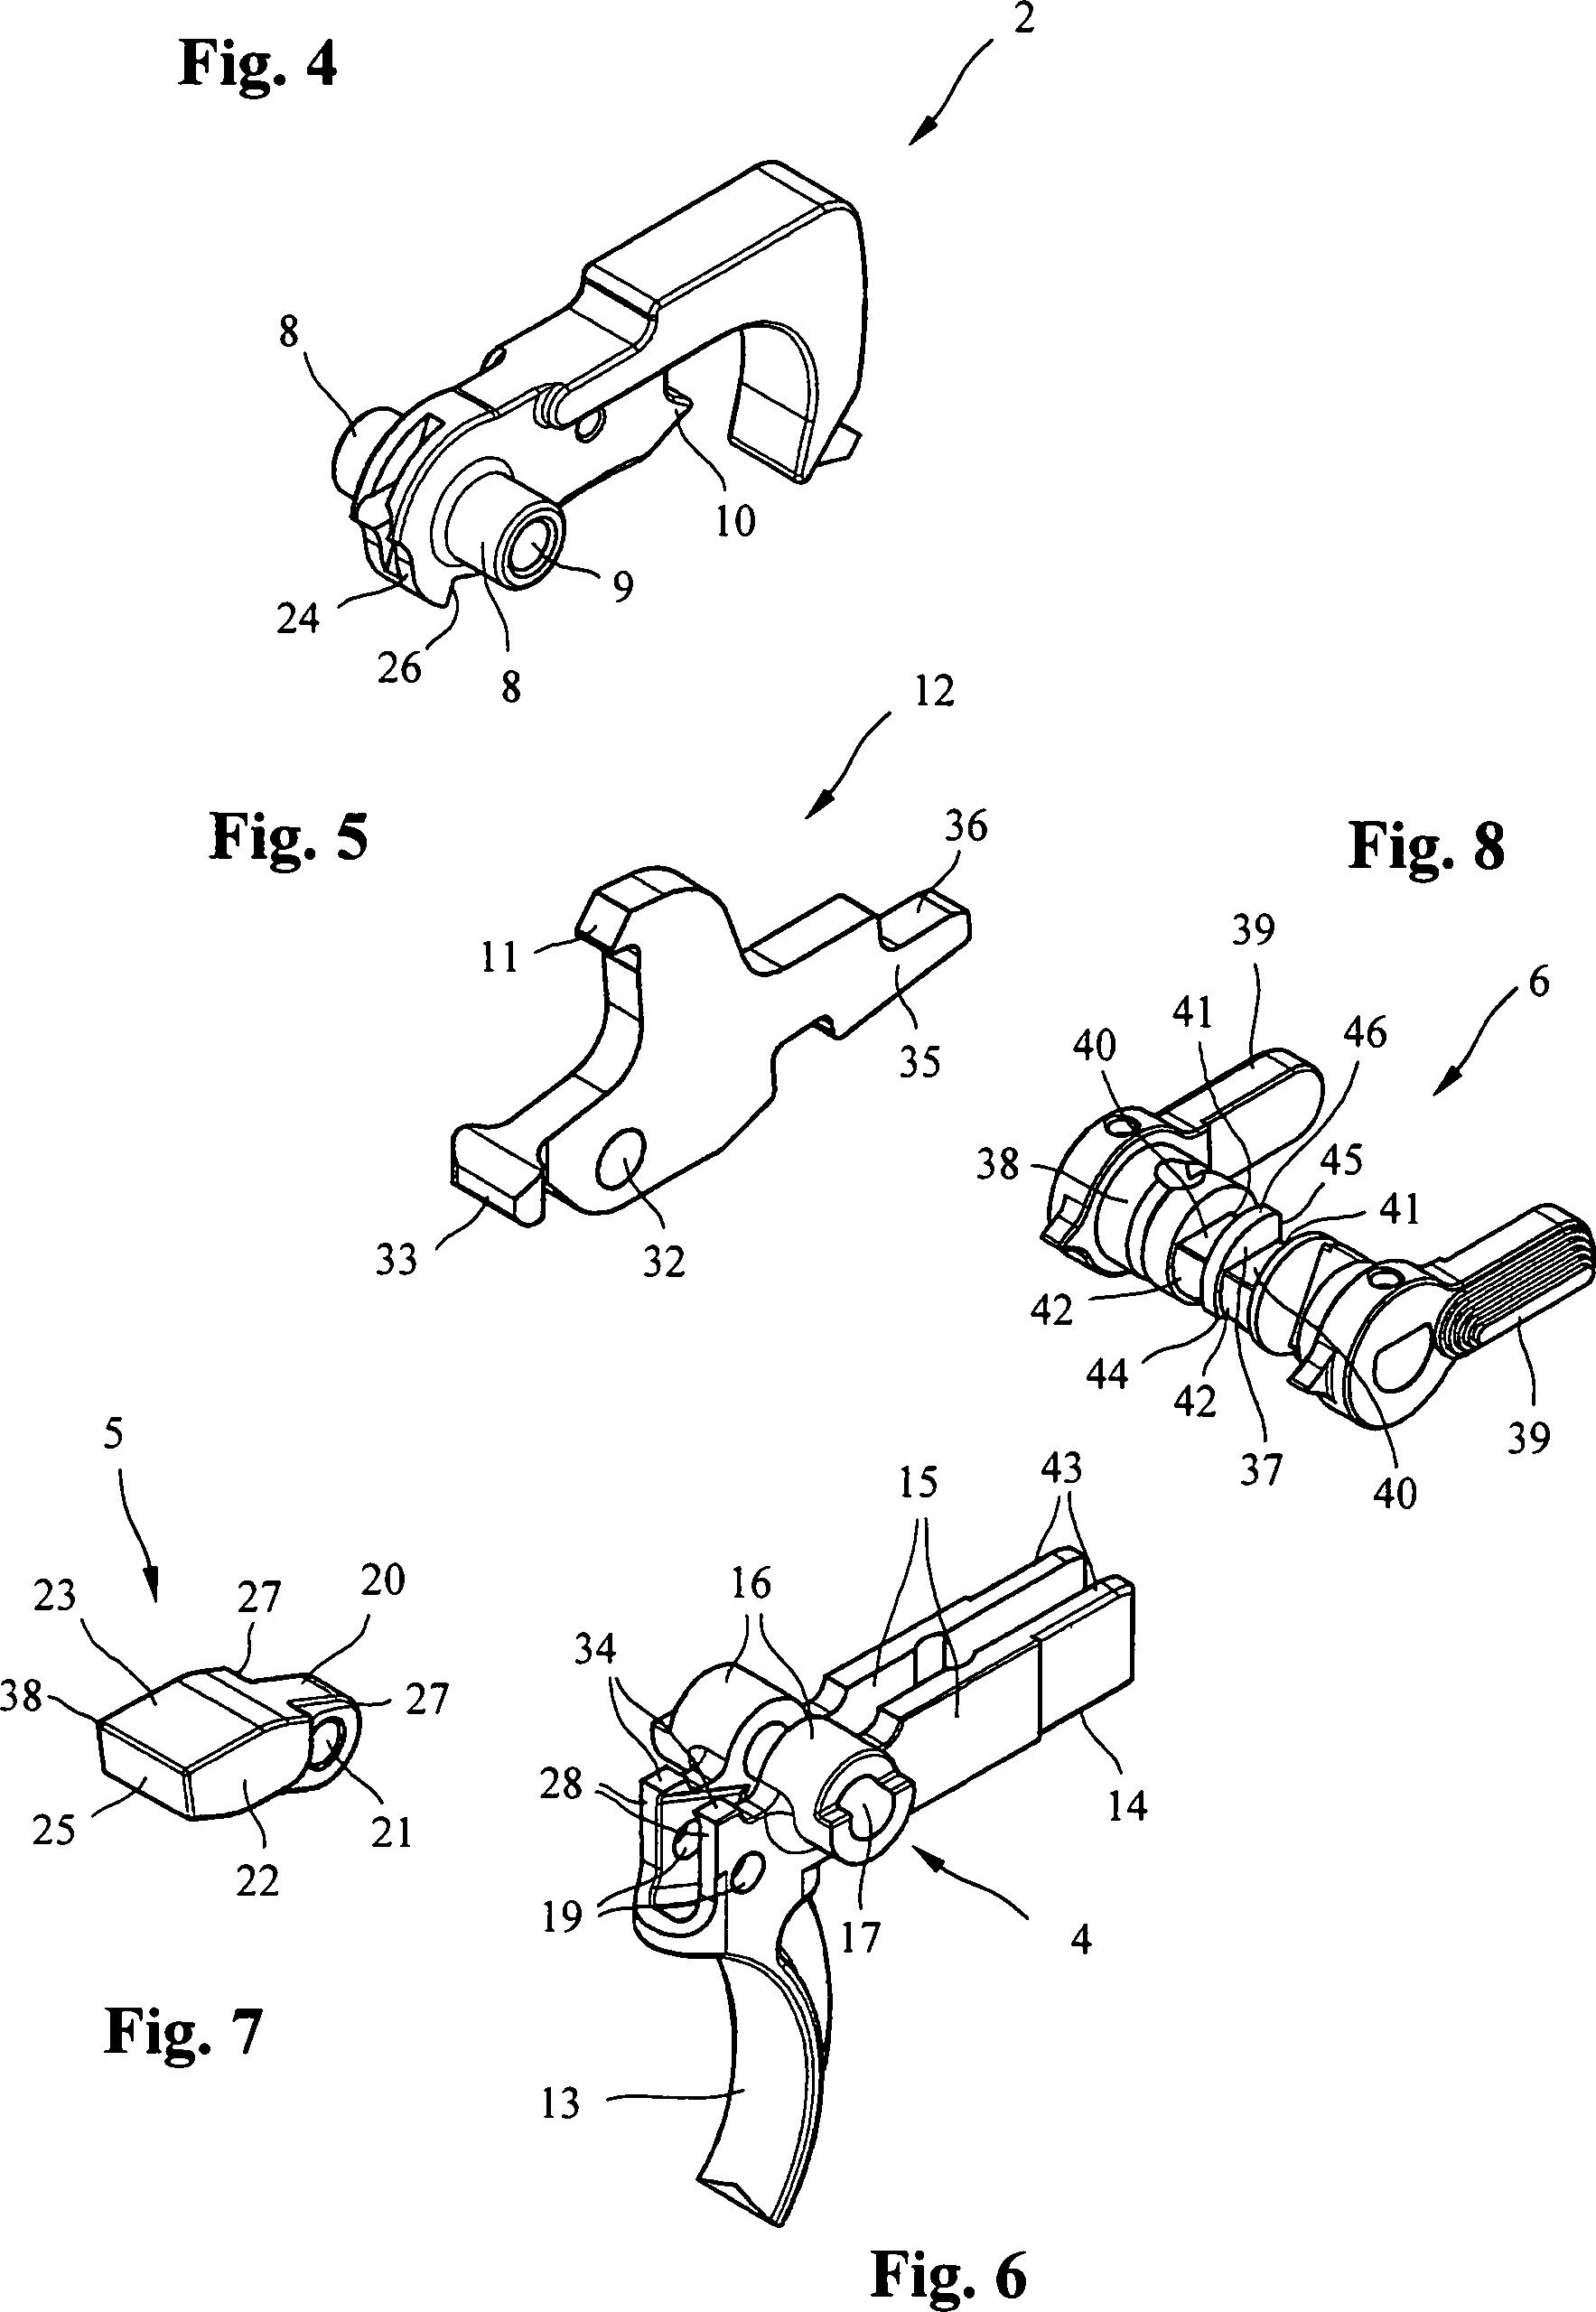 hight resolution of de202011004556u1 trigger mechanism for a handgun google patents